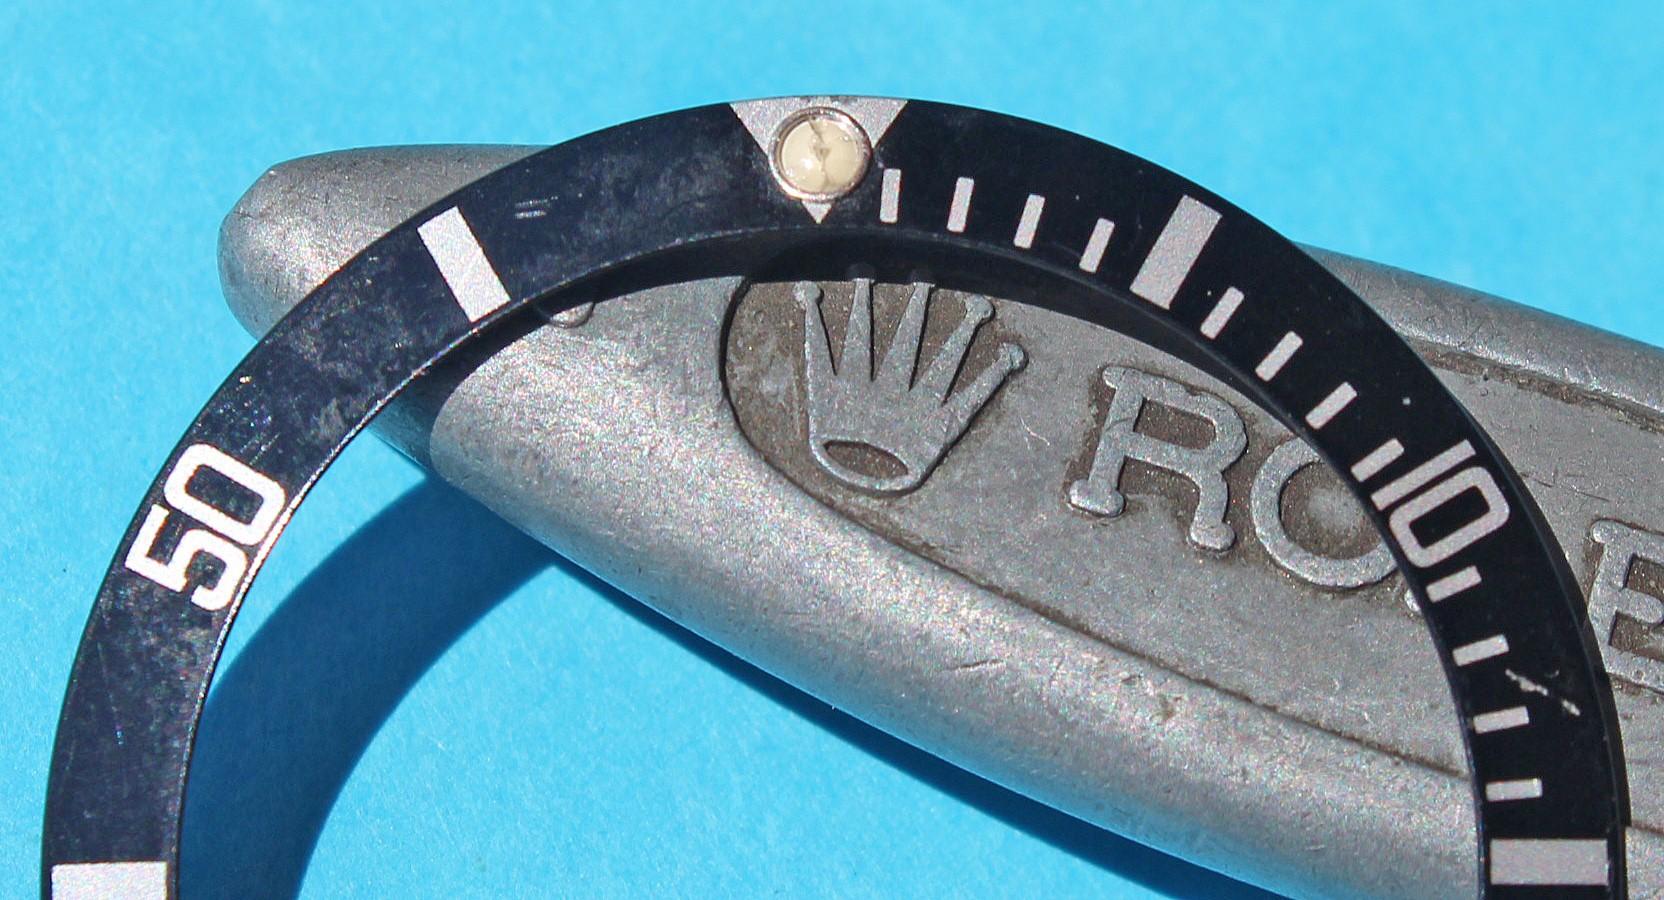 ROLEX VINTAGE INSERT MONTRES 16800, 16800, 16610 SUBMARINER DATE & PERLE TRITIUM